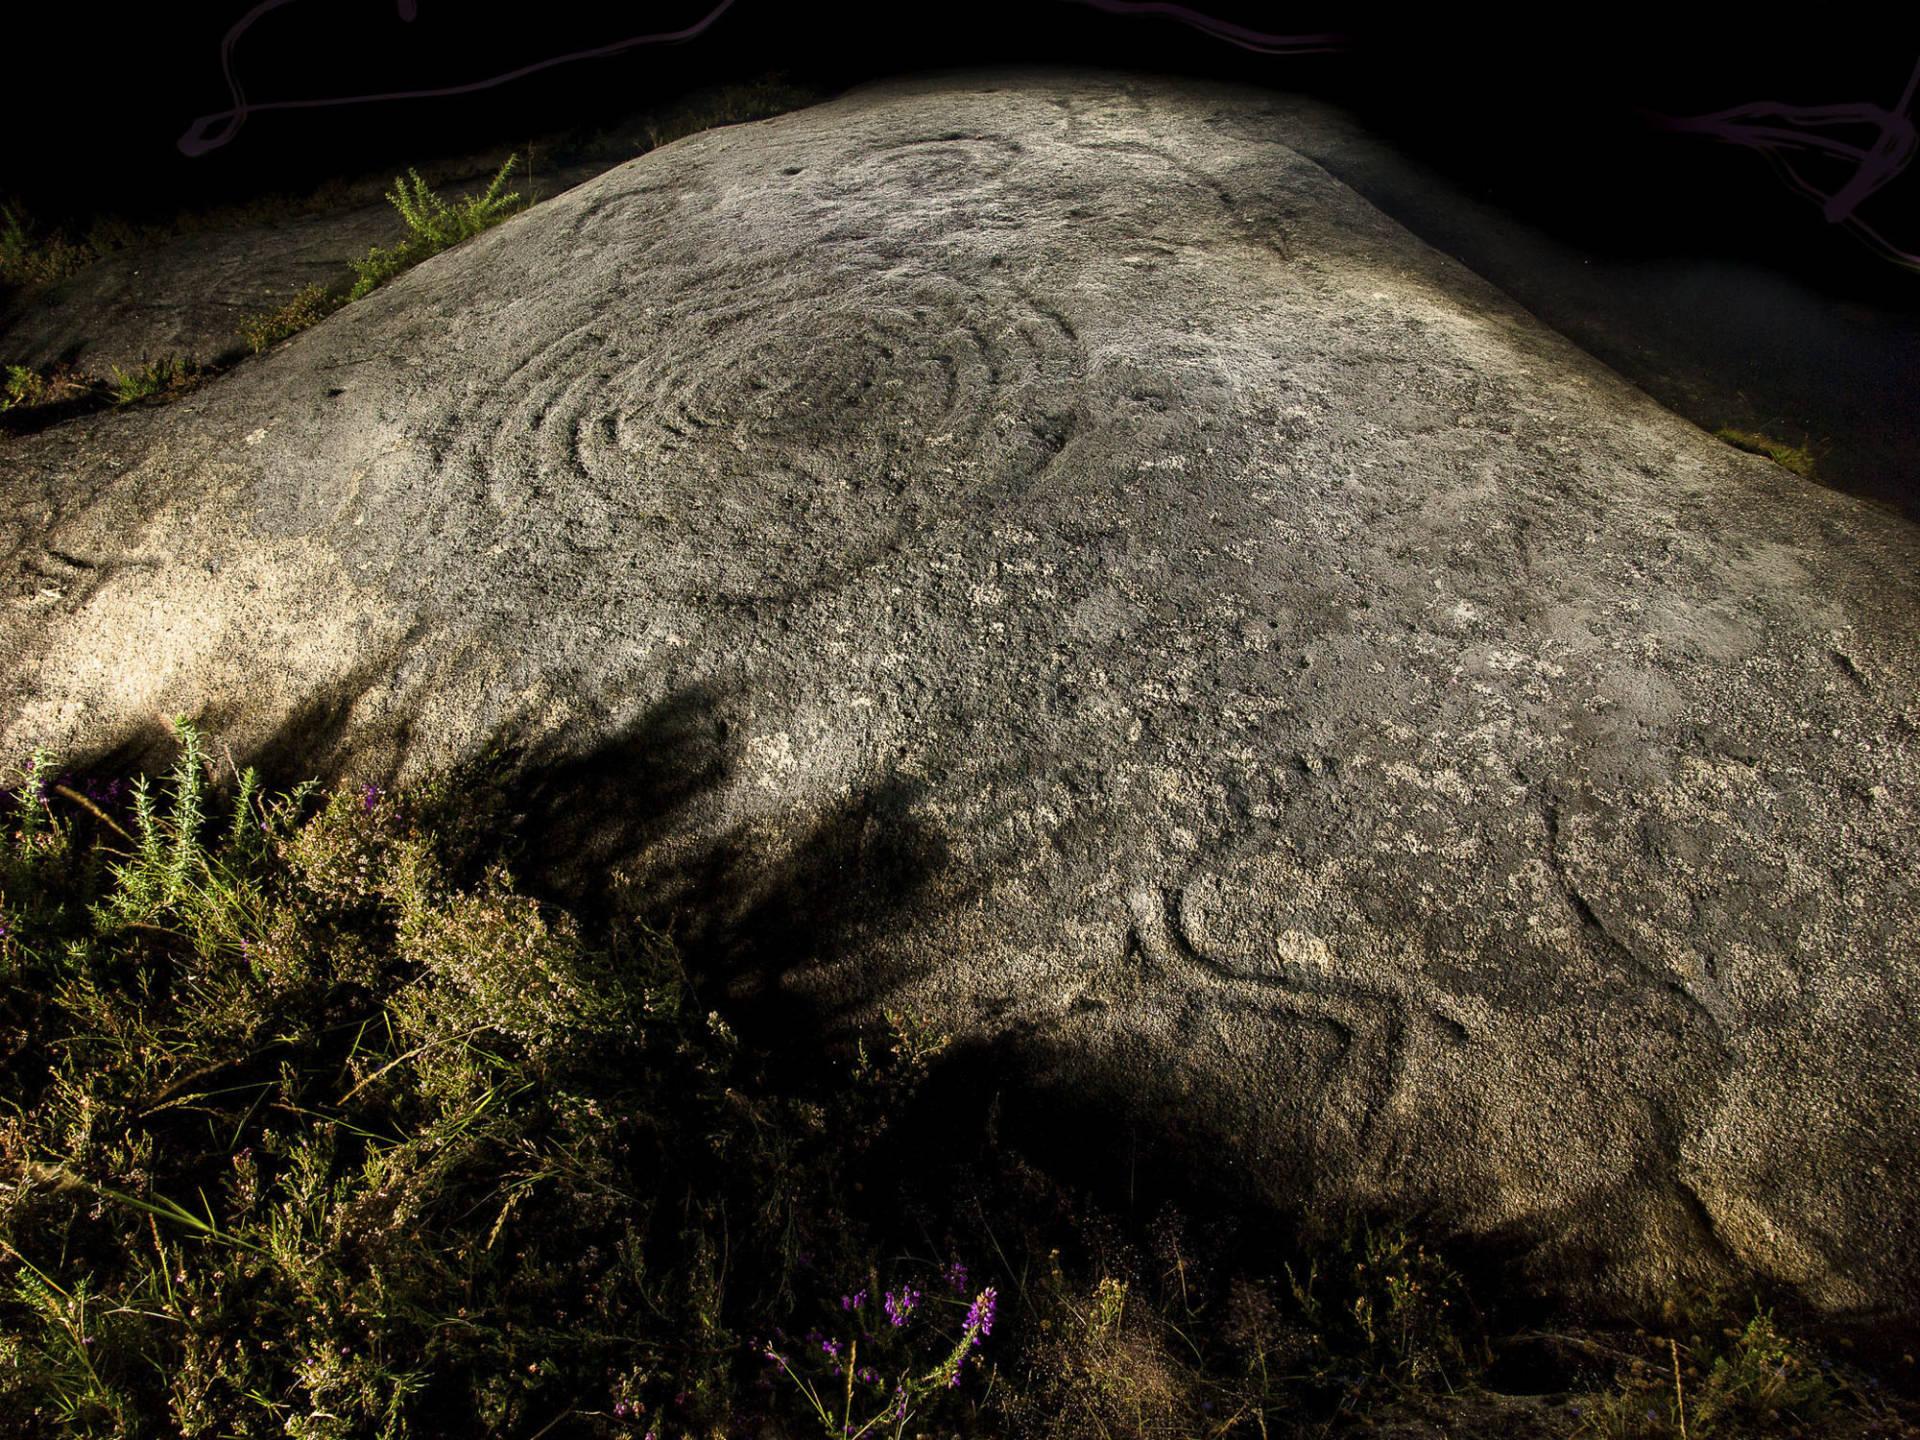 Vista xeral de noite da Pedra Bicuda de Loureiro.©Colectivo a Rula